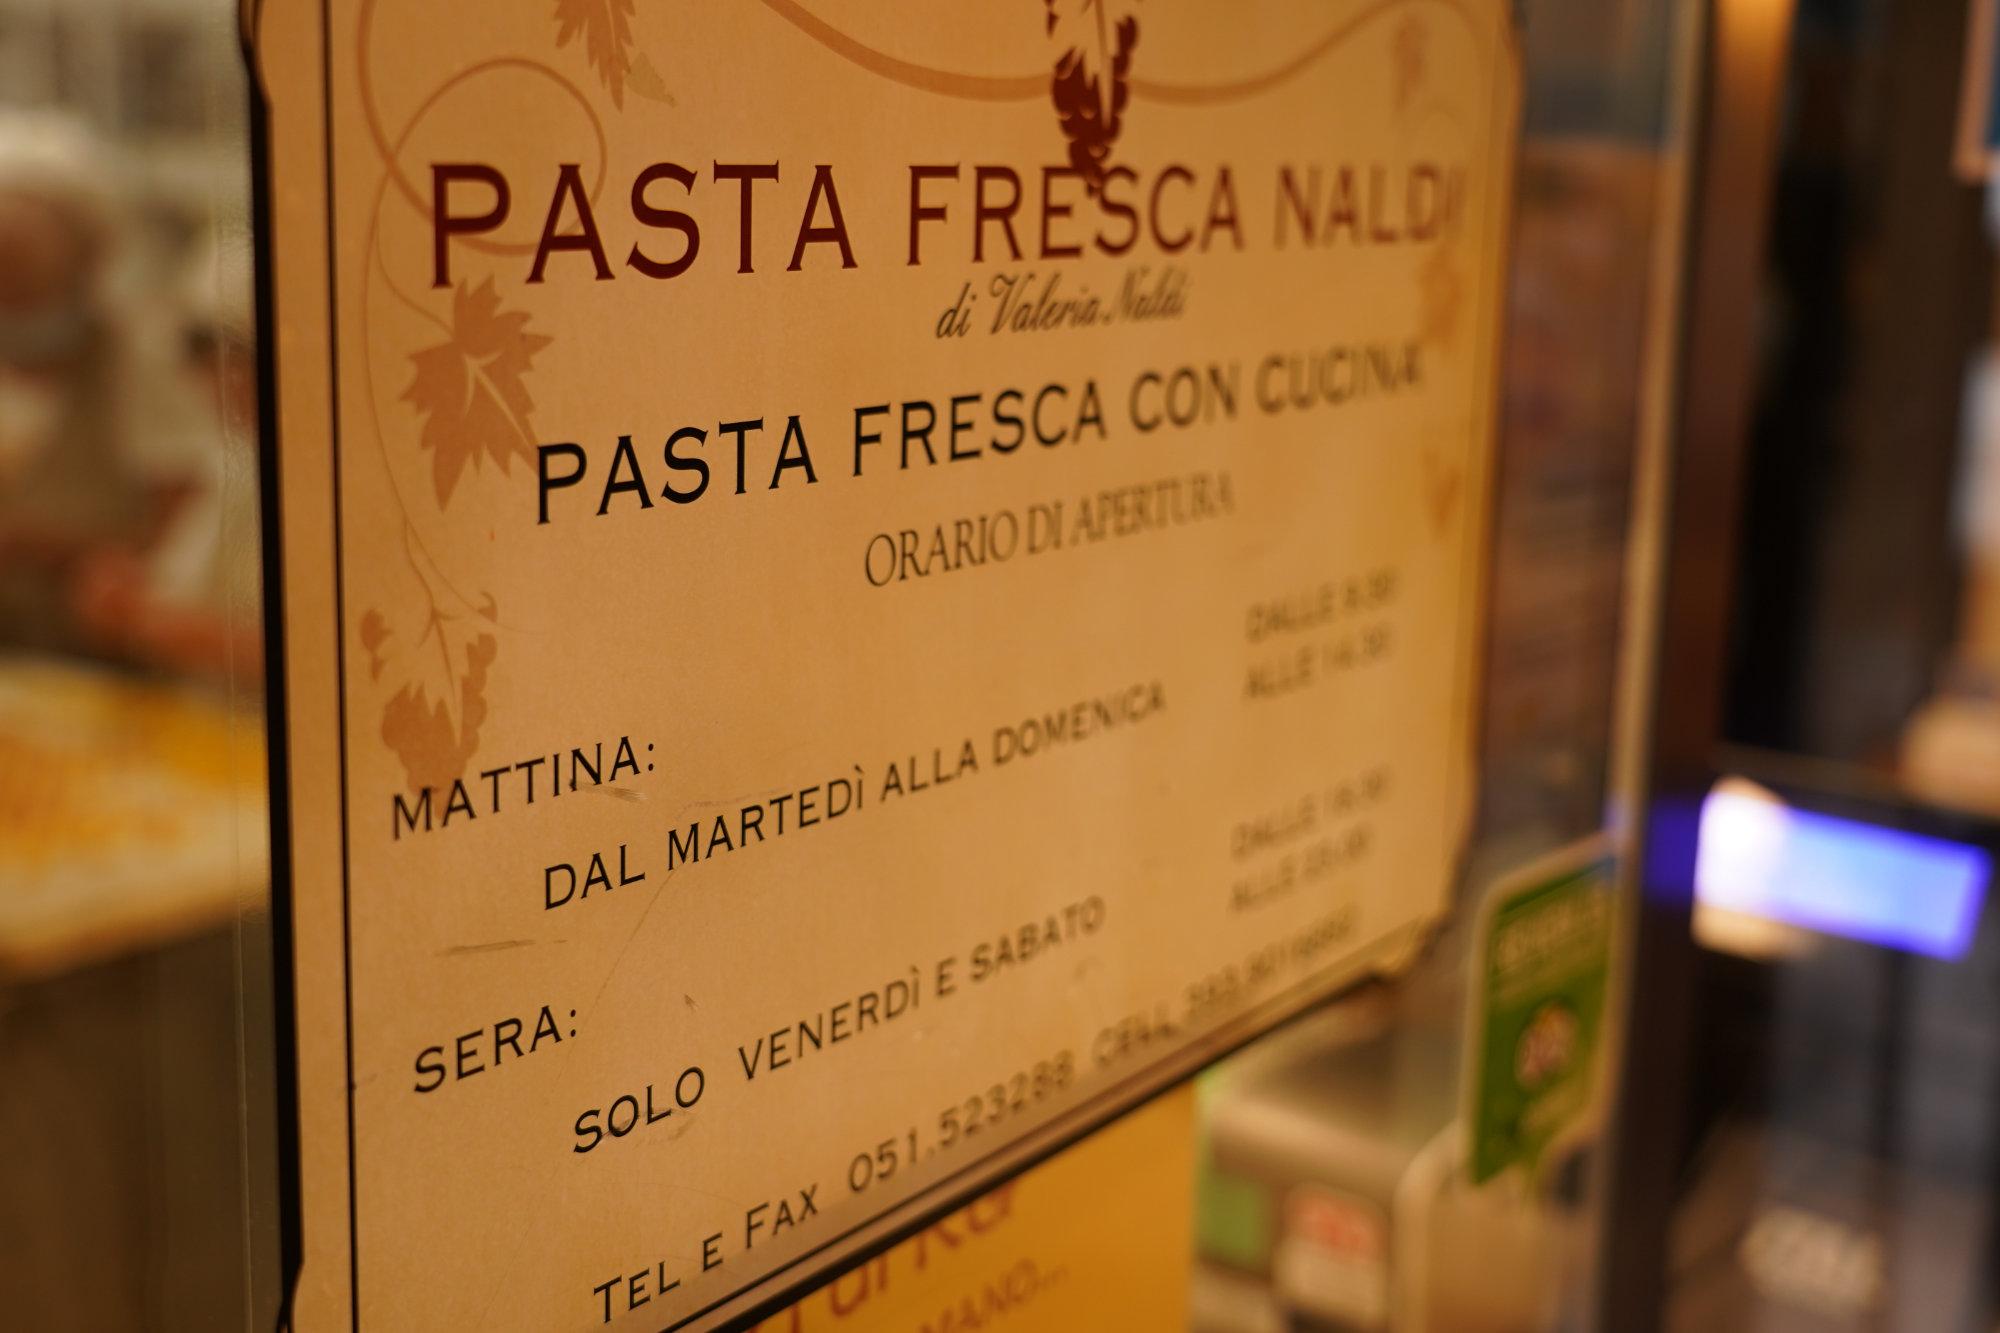 Bologna Pasta Naldi Schild